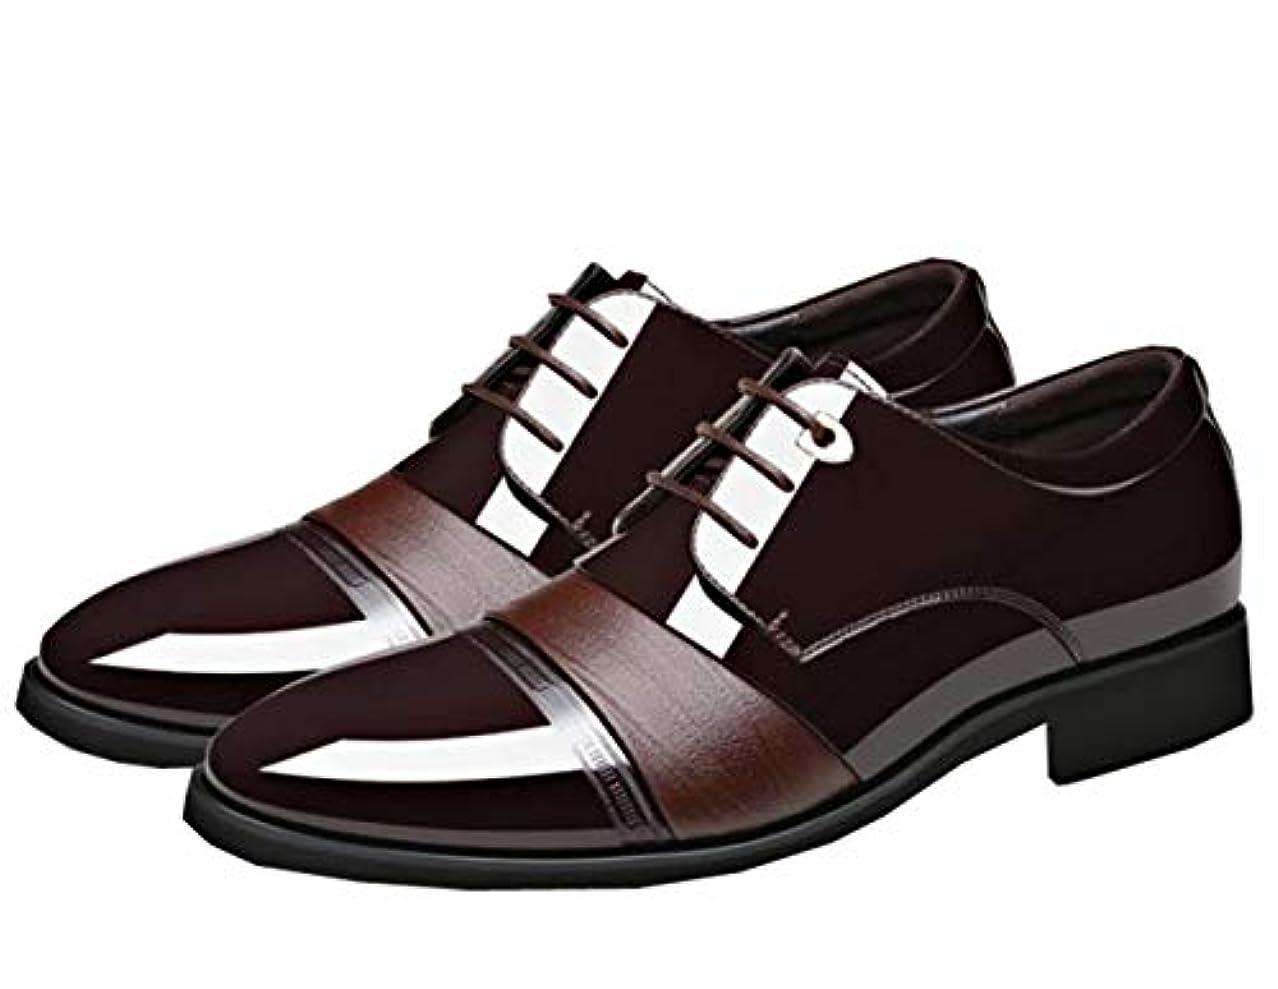 シート一瞬スカーフ(ジュンィ) 紳士靴 ビジネスシューズ 革靴 通勤 パーティー 結婚式 歩きやすい フォーマル アウトドア